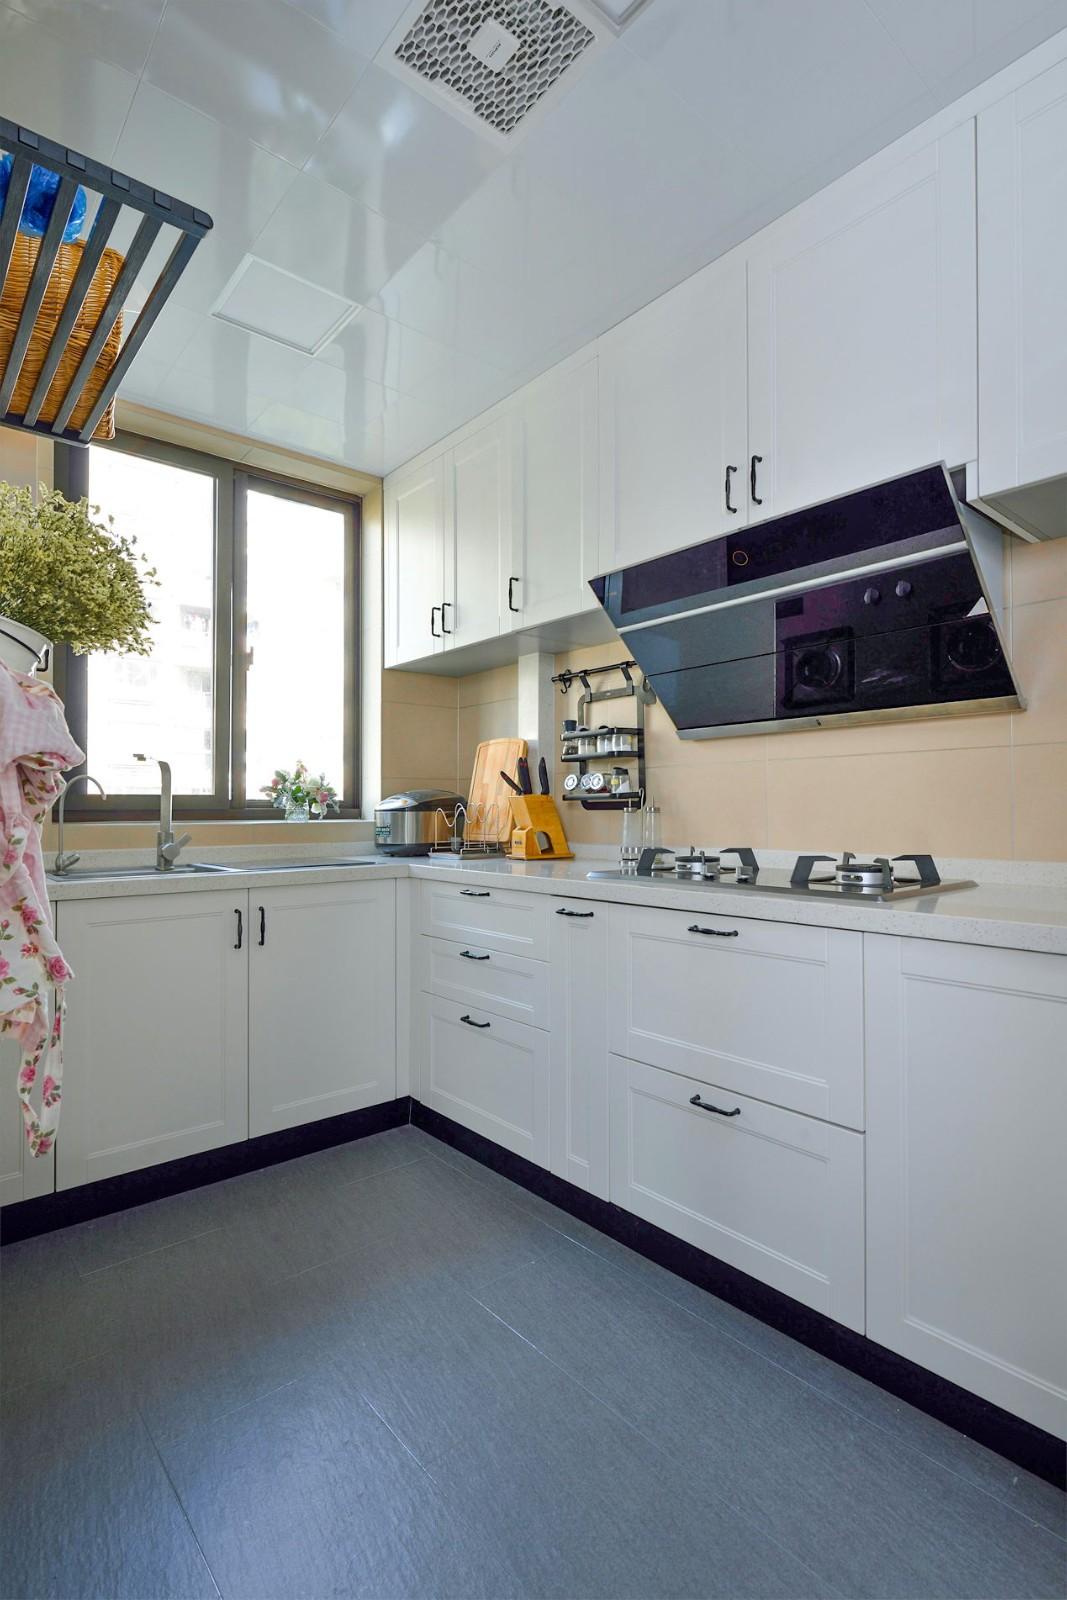 北欧风二居厨房装修效果图